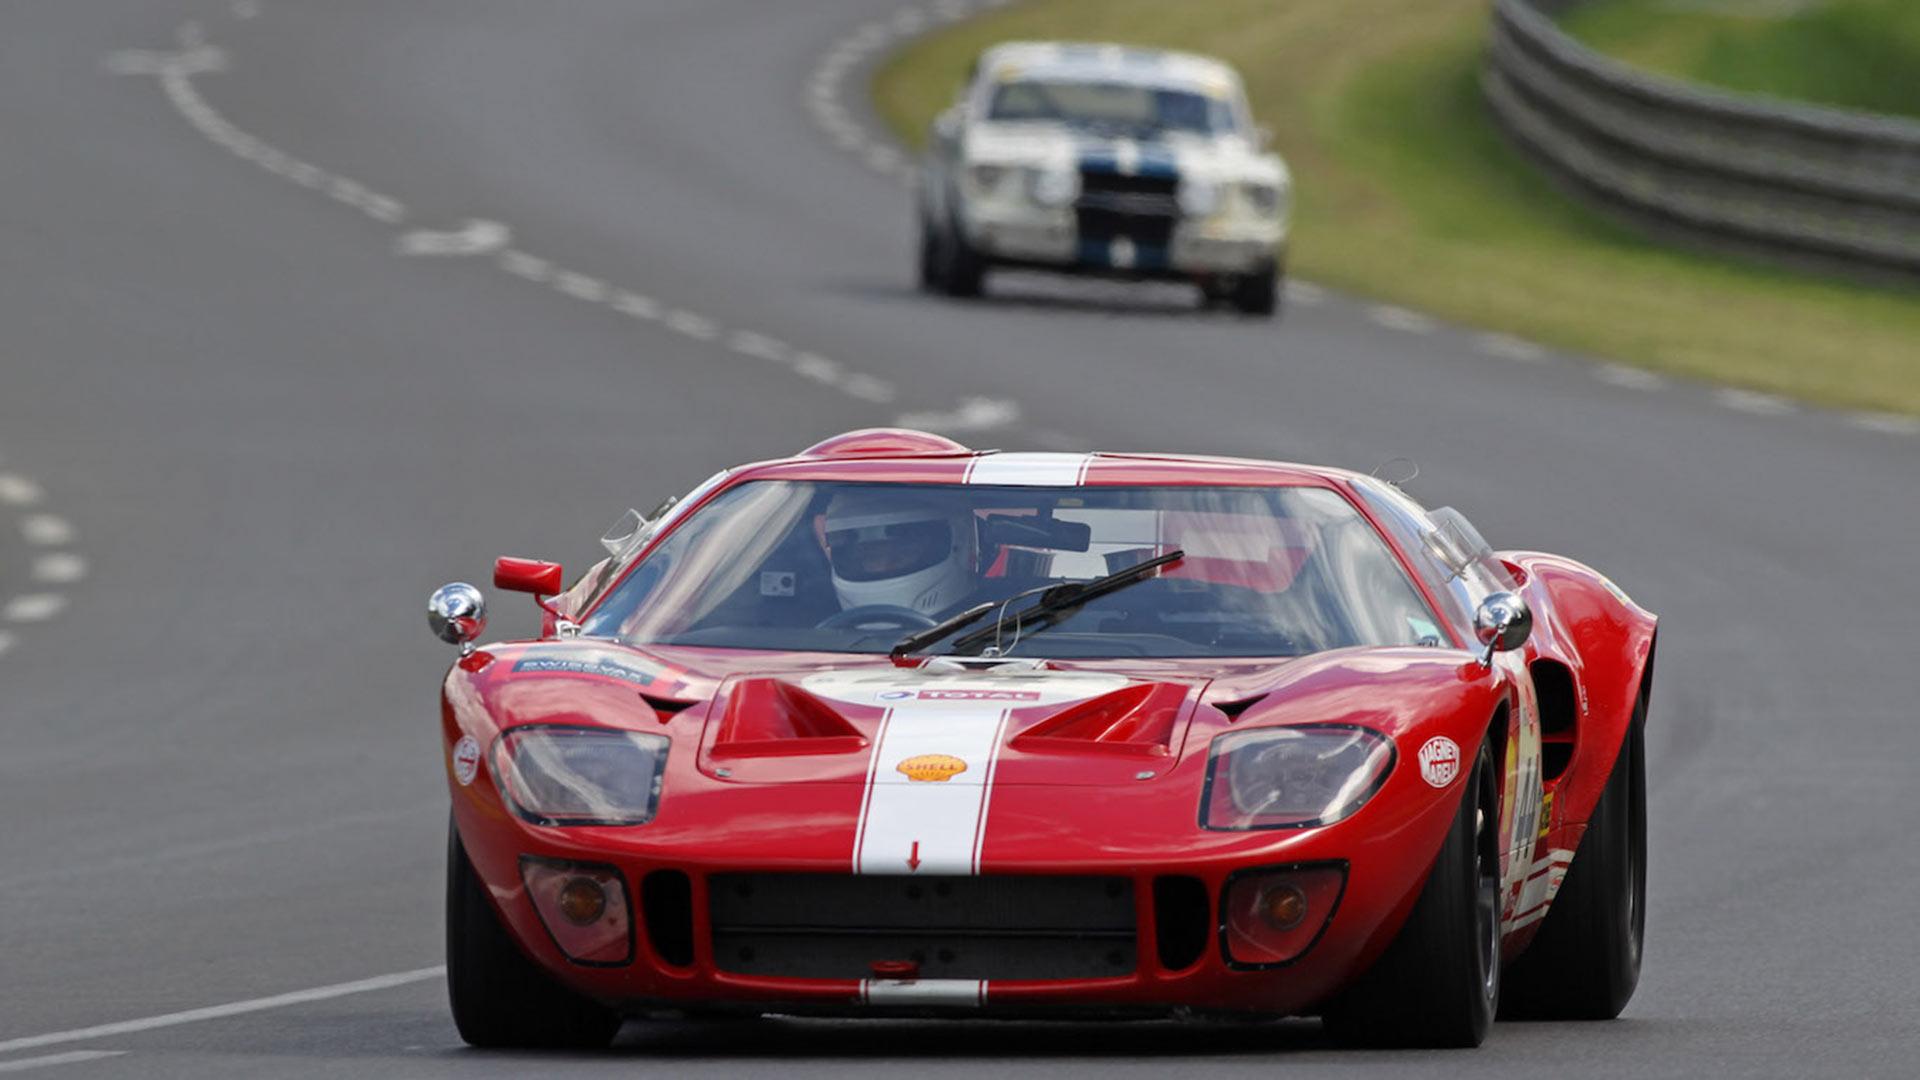 1968 Ford GT40 Mk I Le Mans